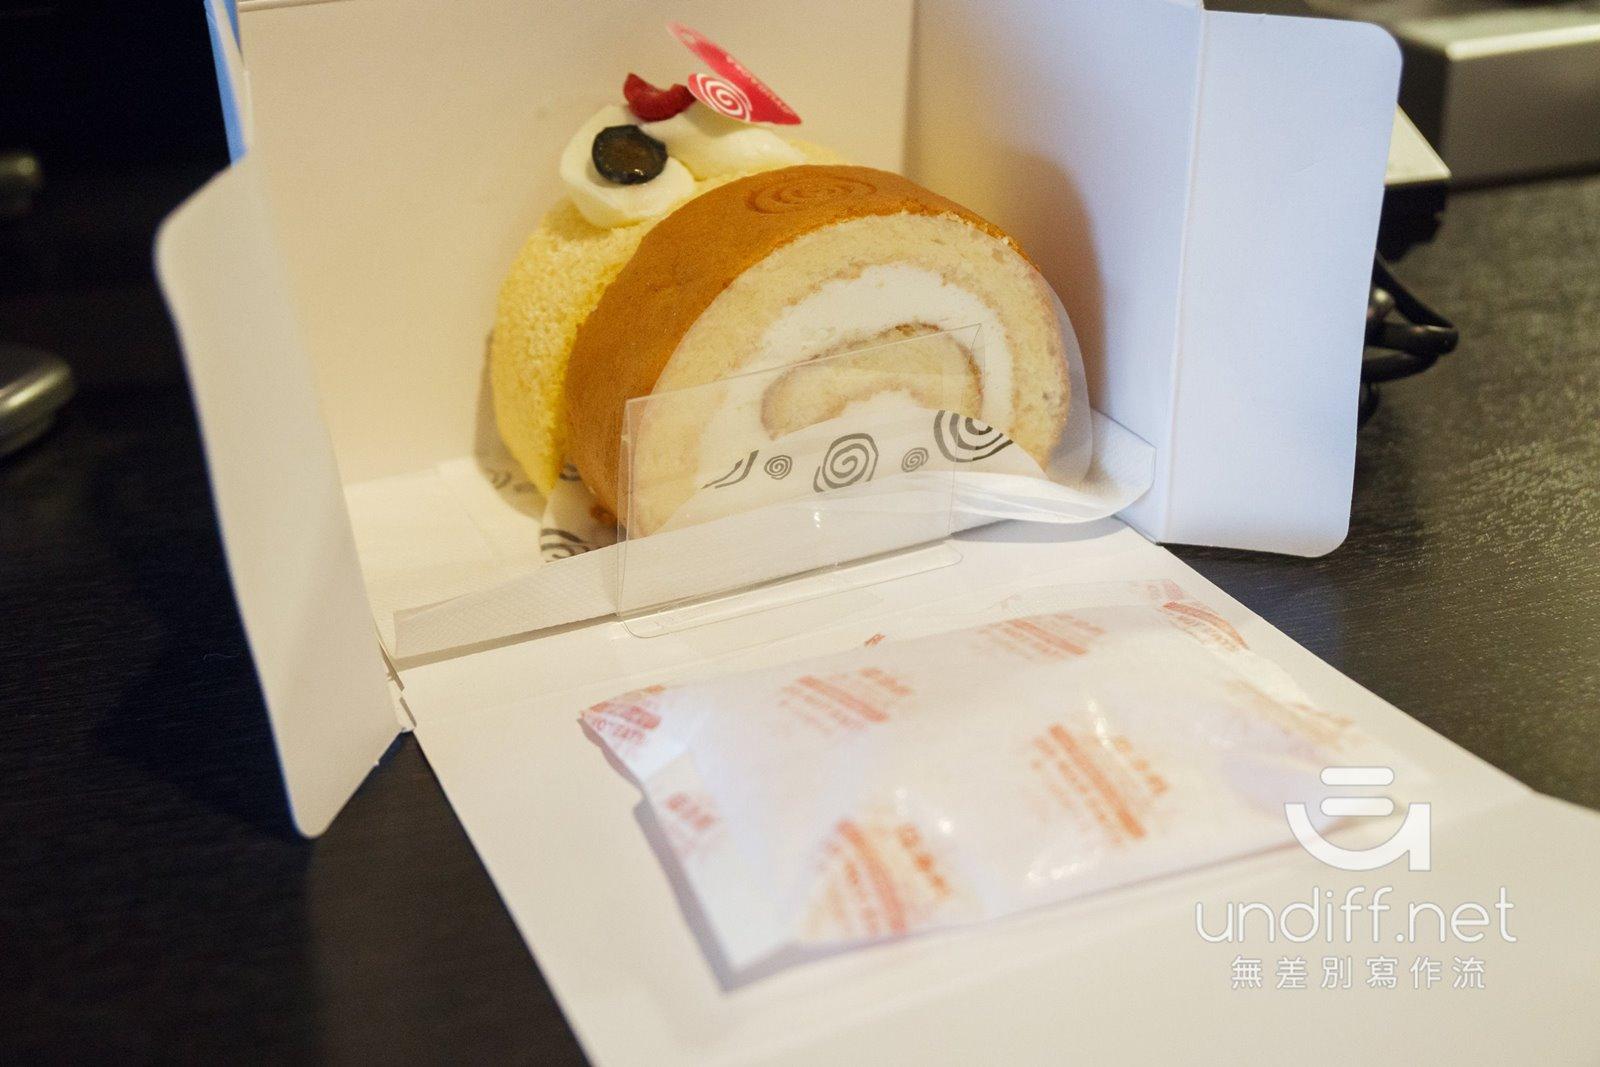 【東京美食】自由之丘 ロール屋 》樸實就很好吃的瑞士蛋糕捲專賣店 22